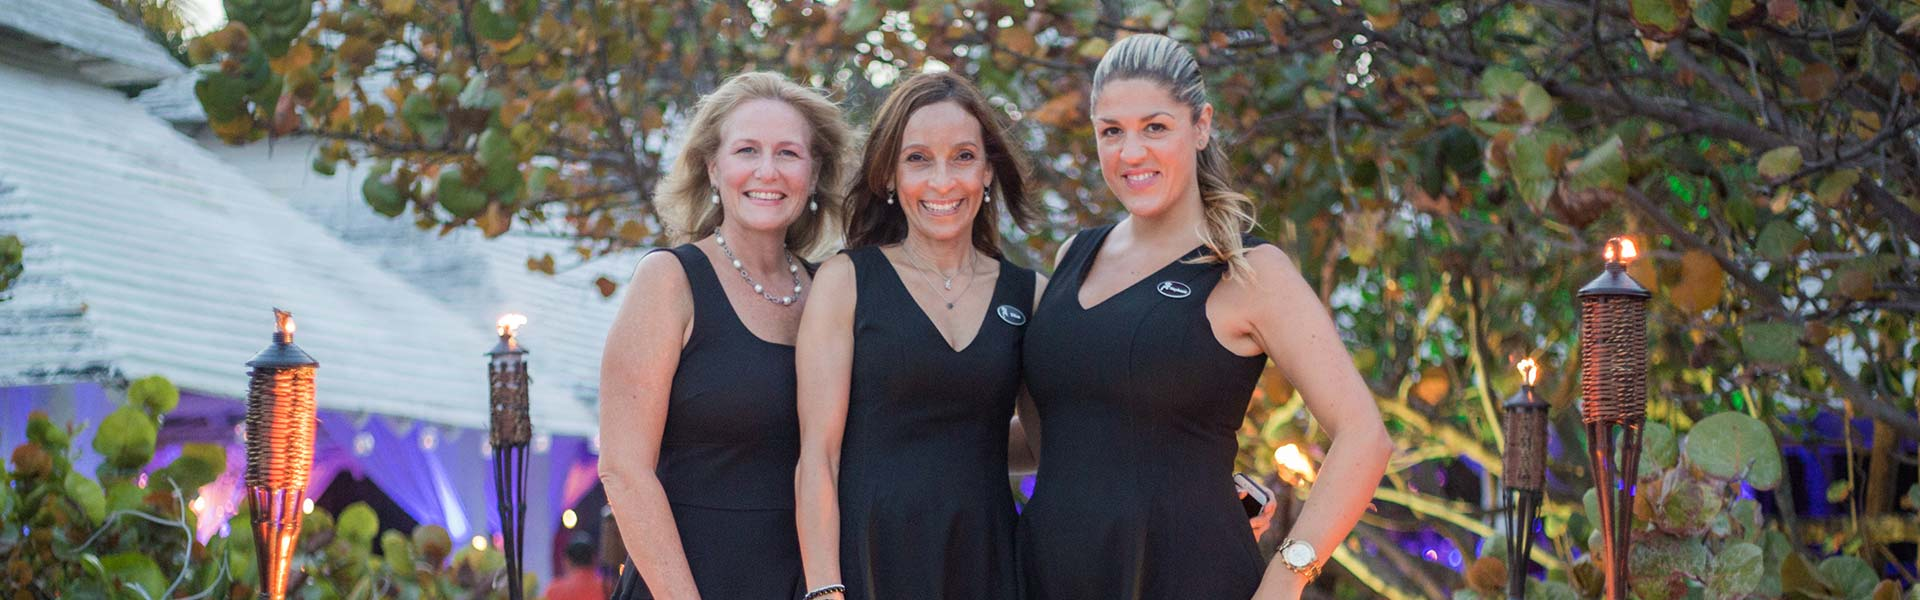 three ladies dressed in black